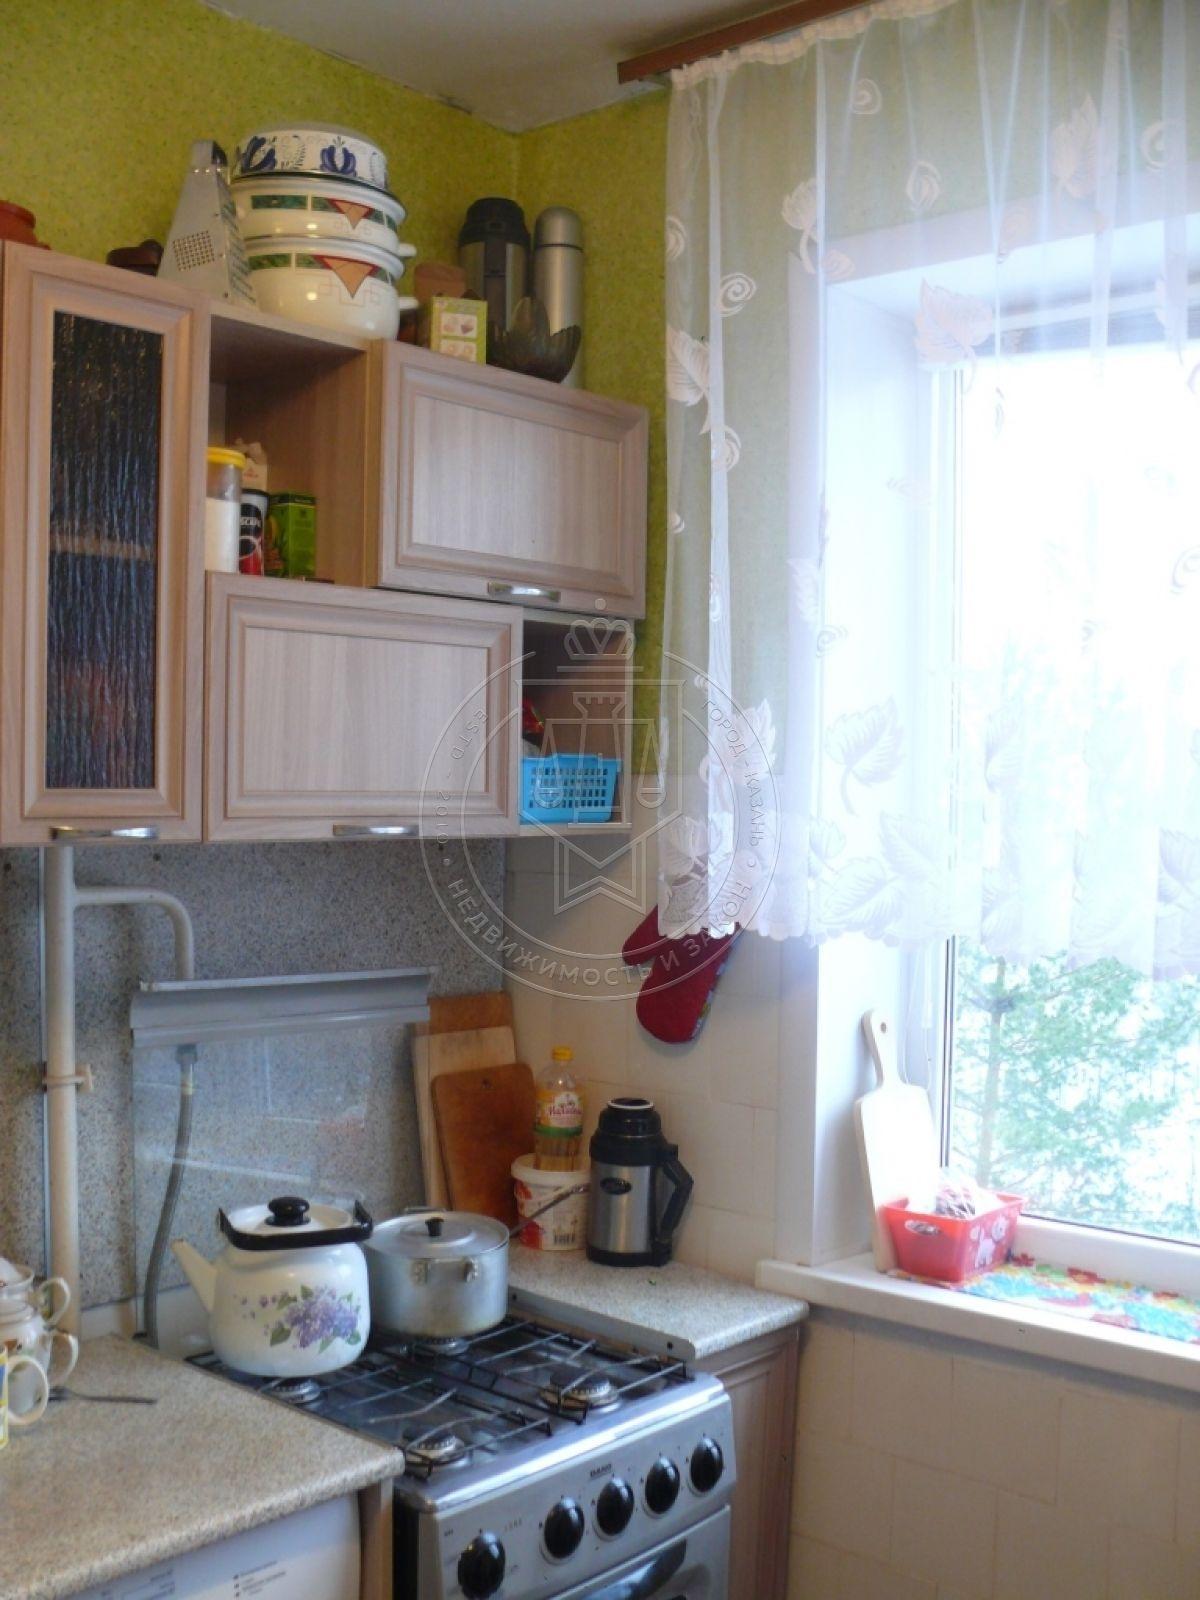 Продажа 2-к квартиры Краснококшайская ул, 174, 42 м²  (миниатюра №3)